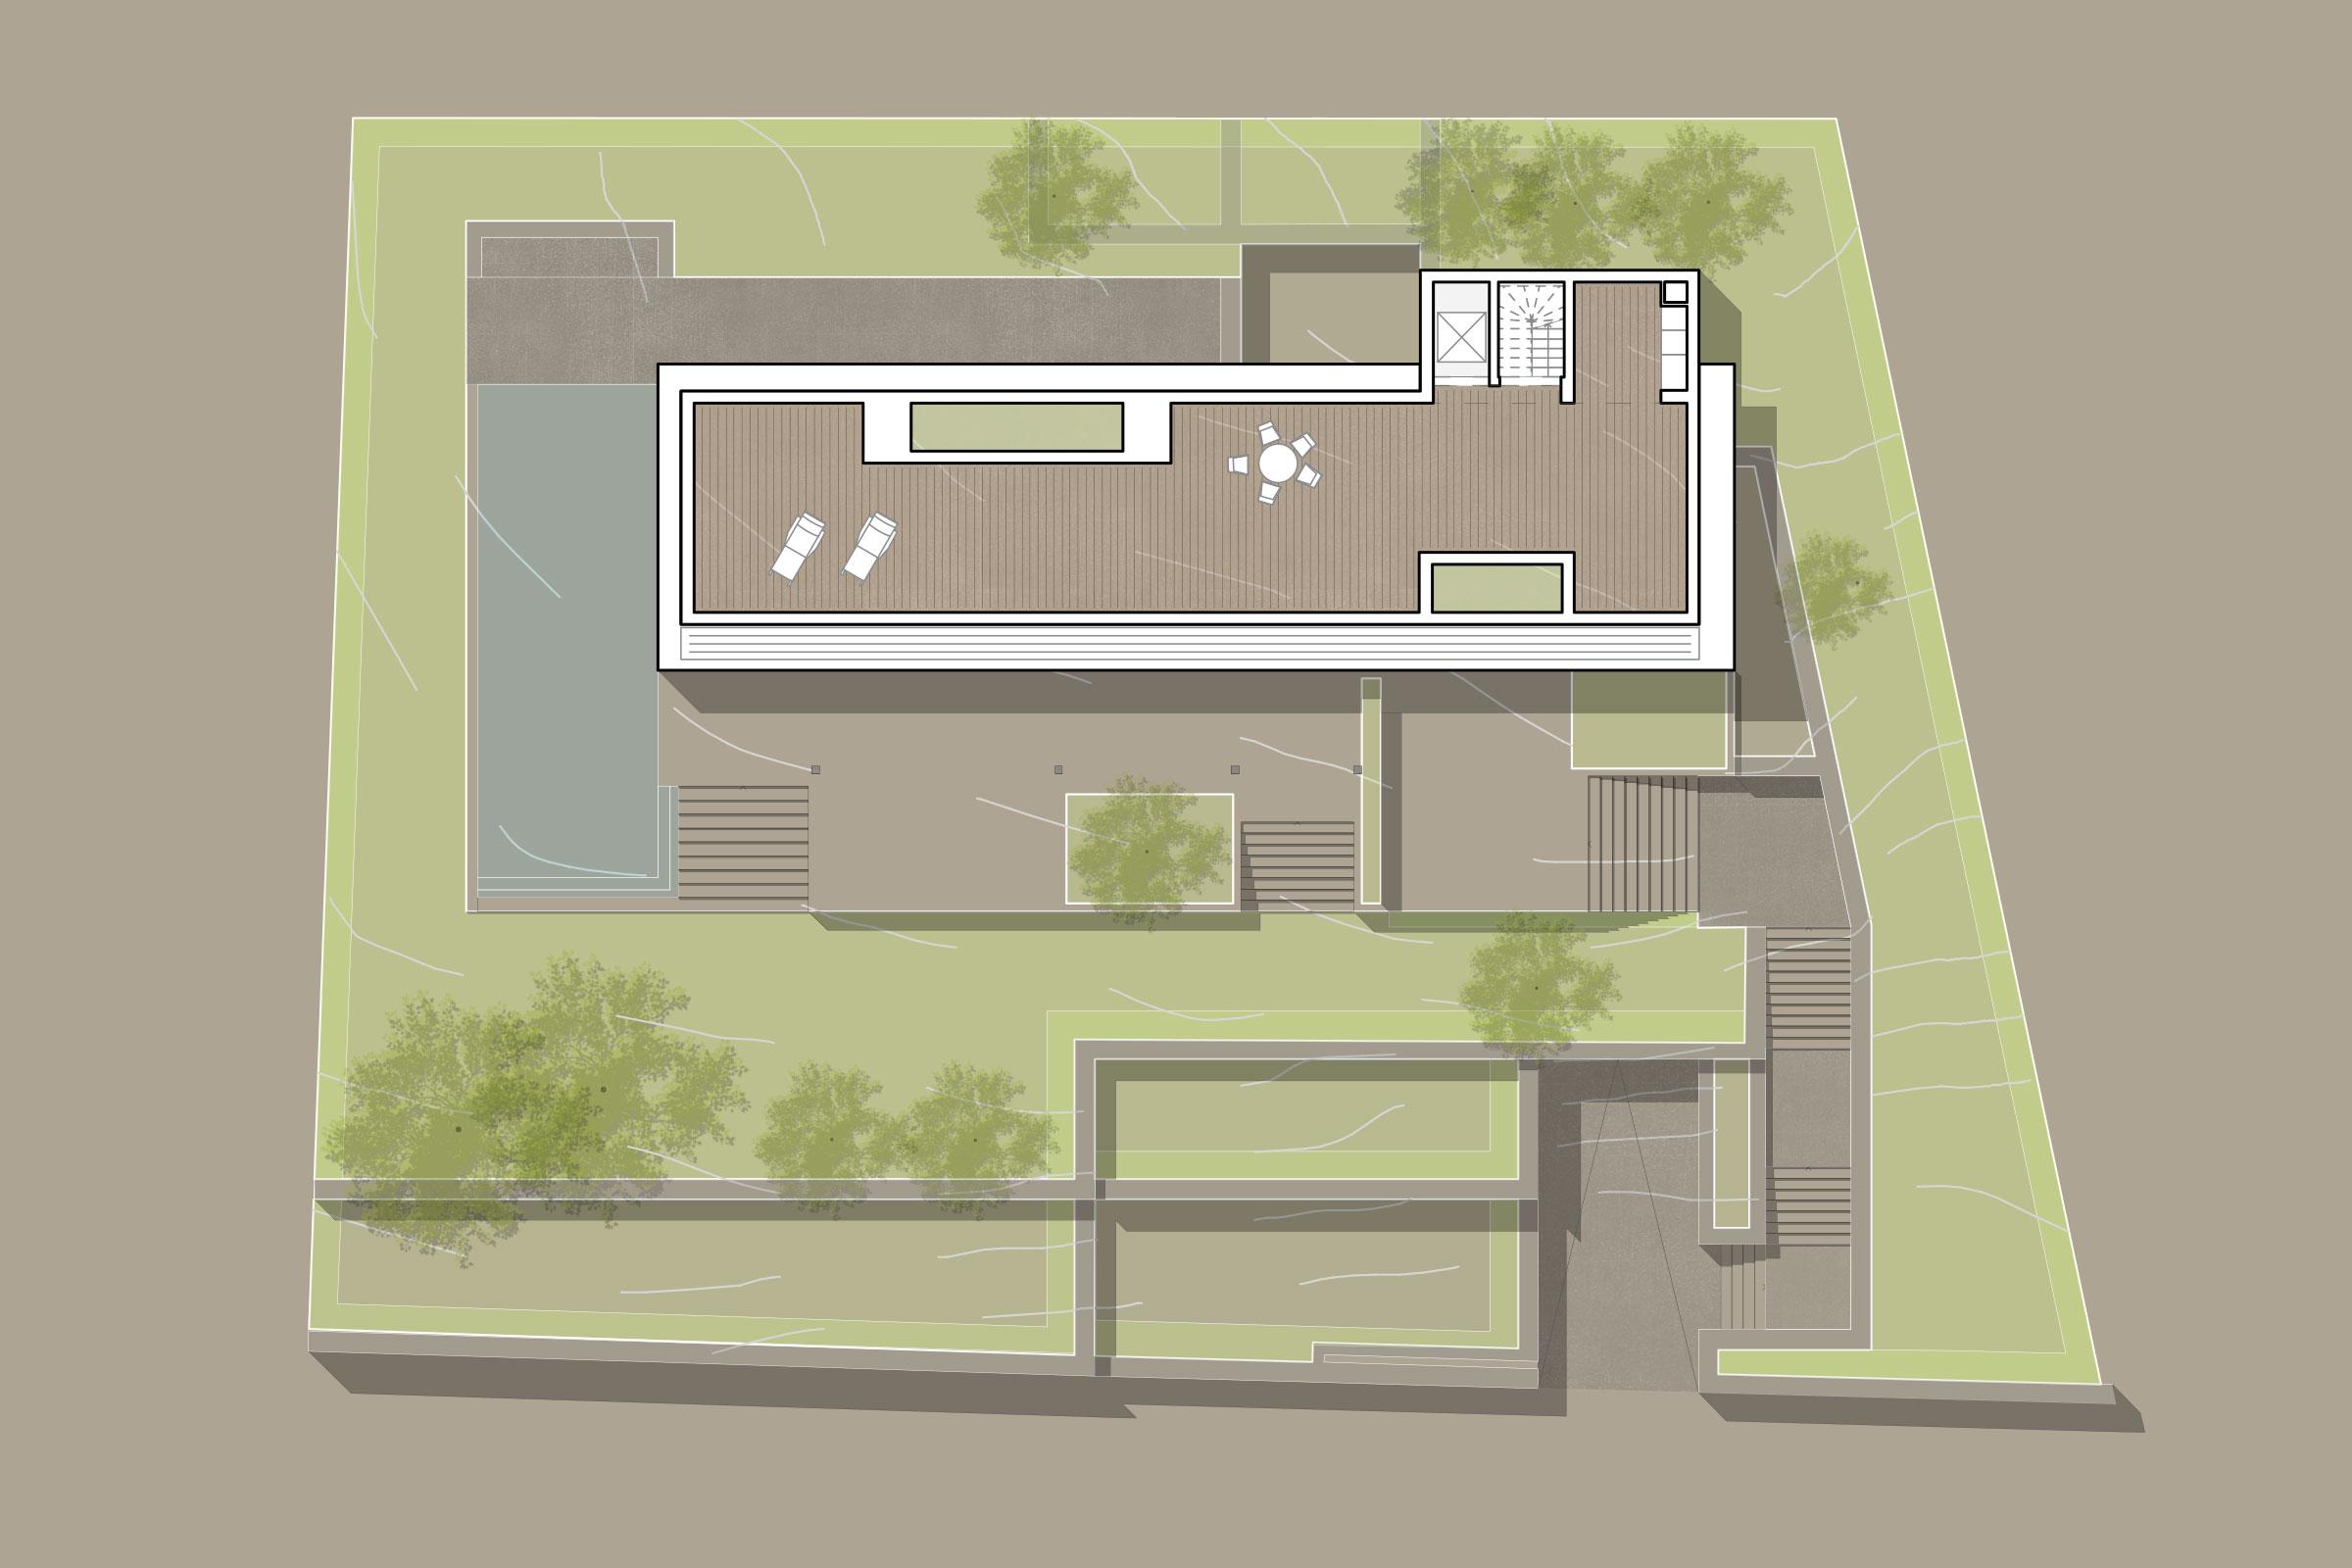 Grundriss Dachterrasse - Luxus-Immobilie in Port d'Andratx auf Mallorca kaufen